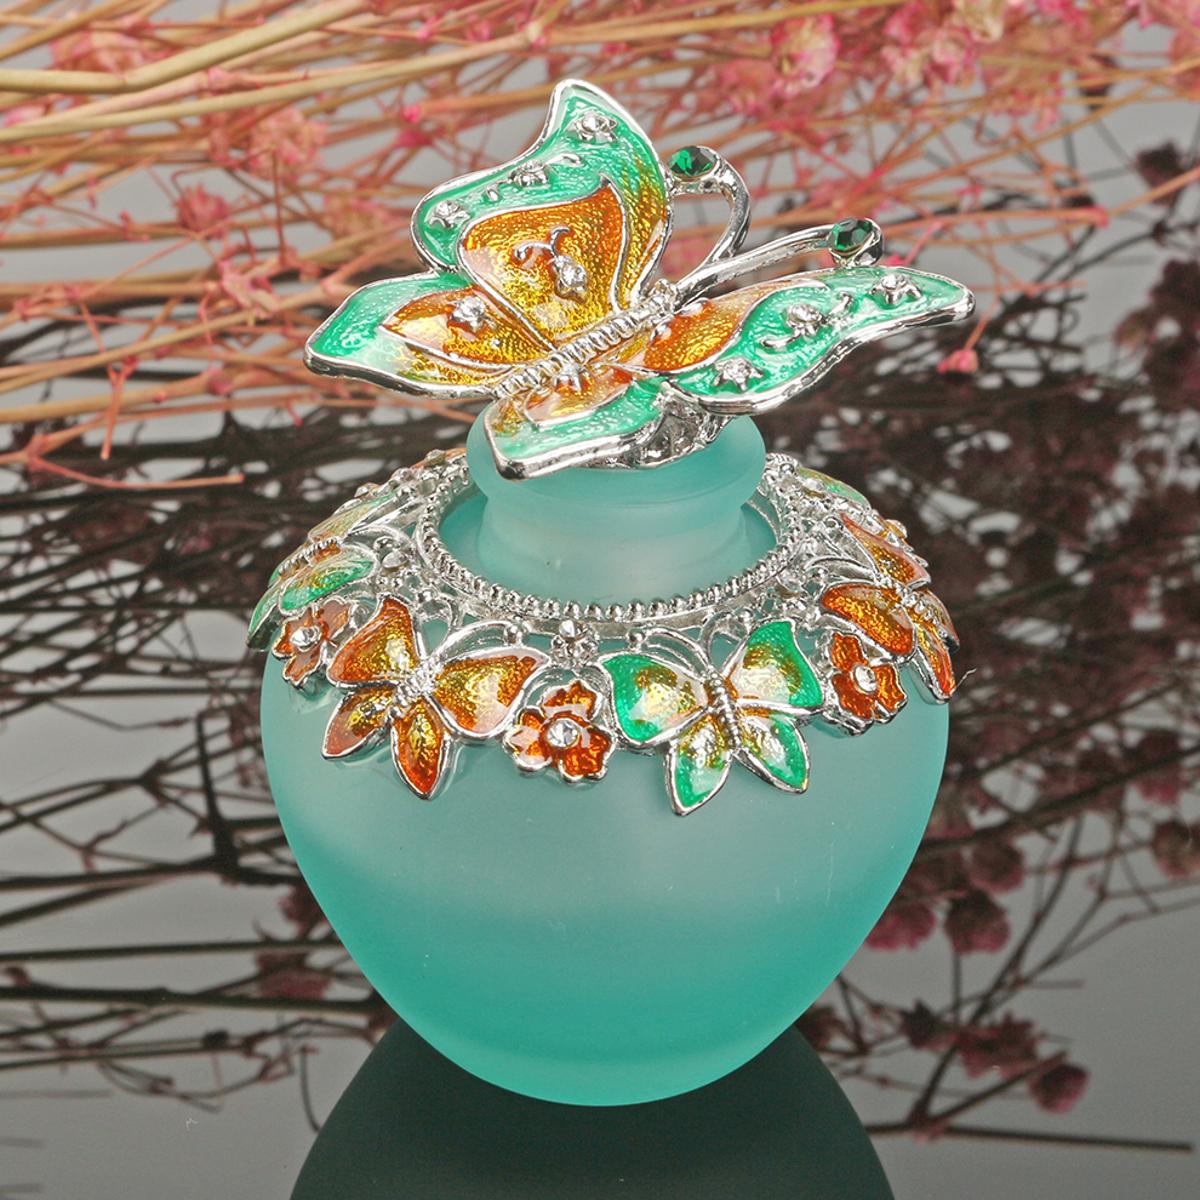 40ml Crystal Butterfly Perfume Bottle